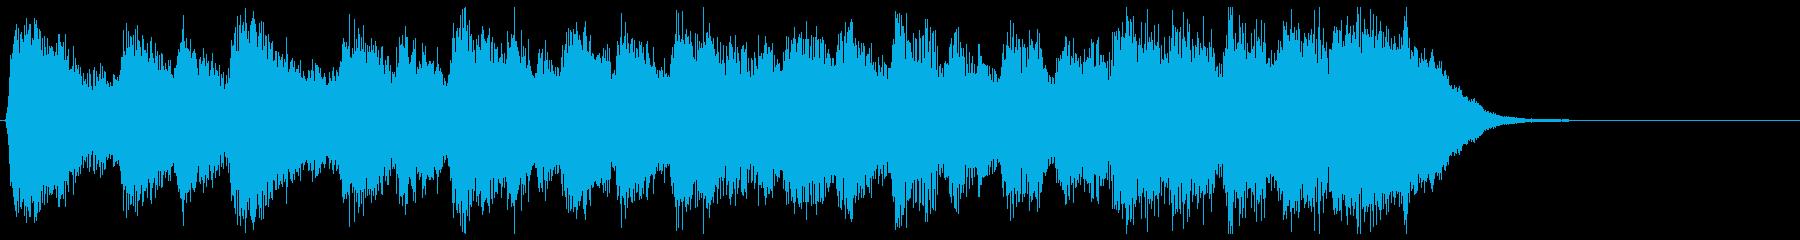 古風で格調高いフルオケジングル合唱付の再生済みの波形